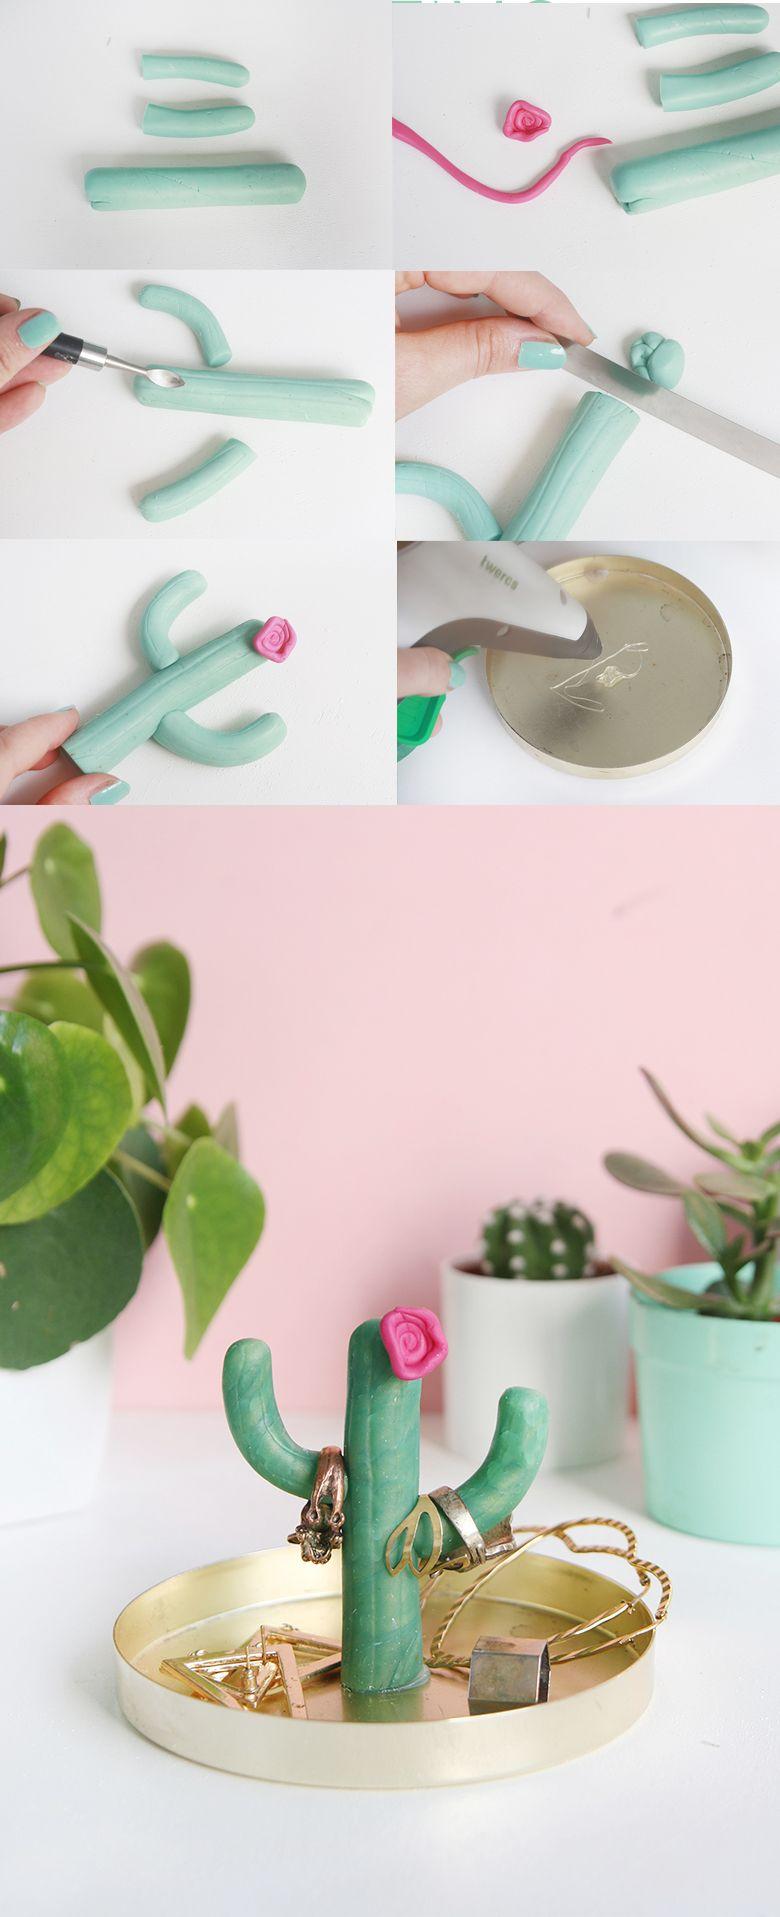 DIY: Kaktus-Ringhalter aus Fimo selbermachen #diytutorial